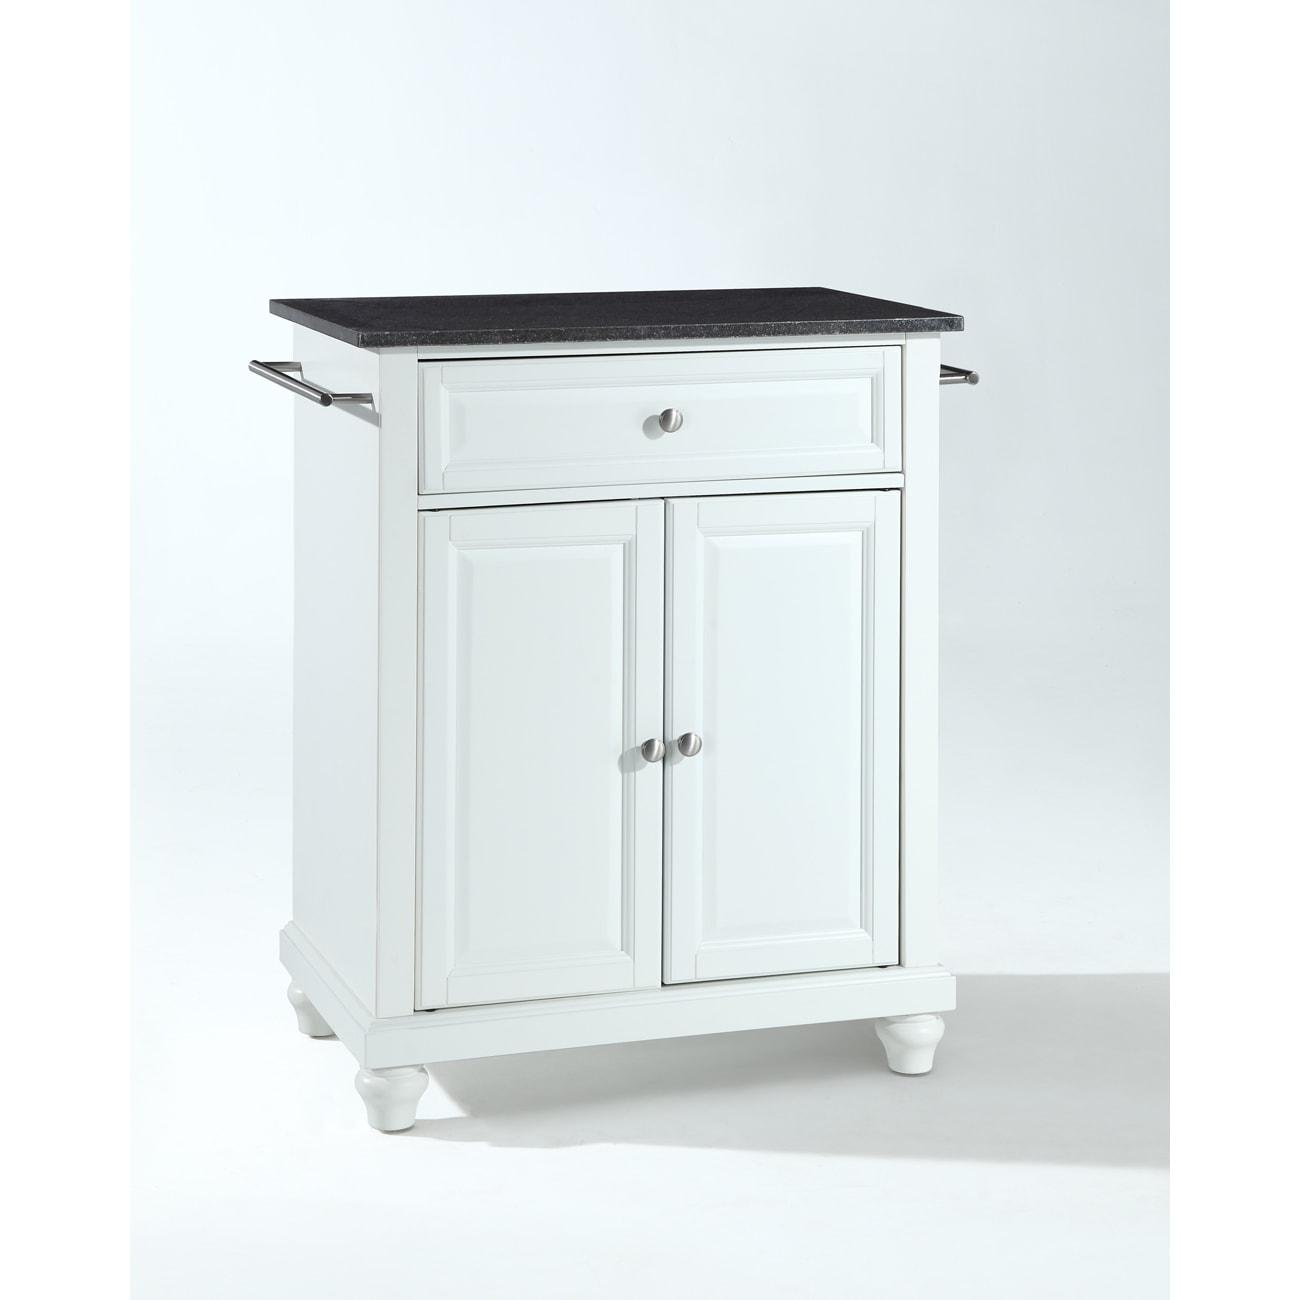 Cambridge Solid Black Granite Top Portable Kitchen Island in White ...